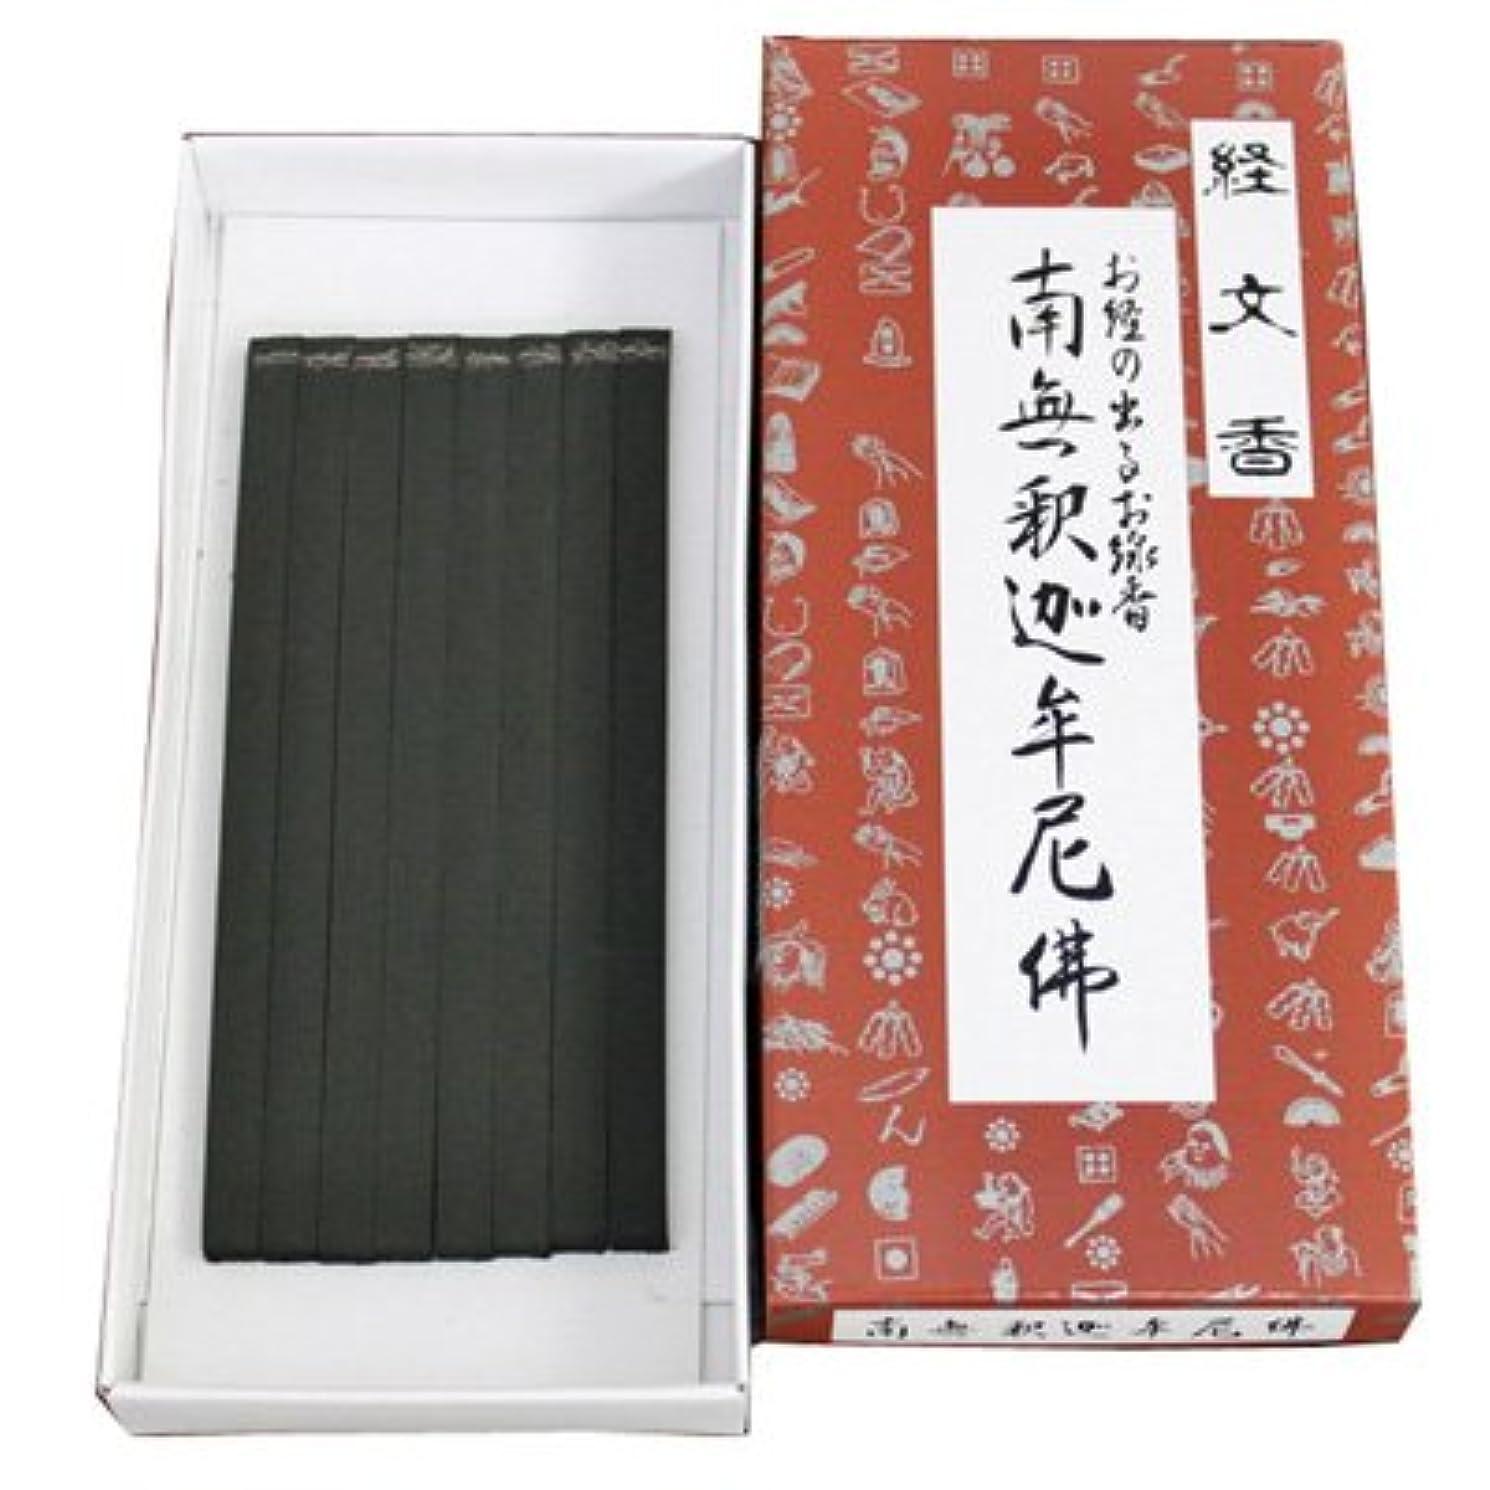 経文香(南無釈迦牟尼佛) 文字が出るお線香